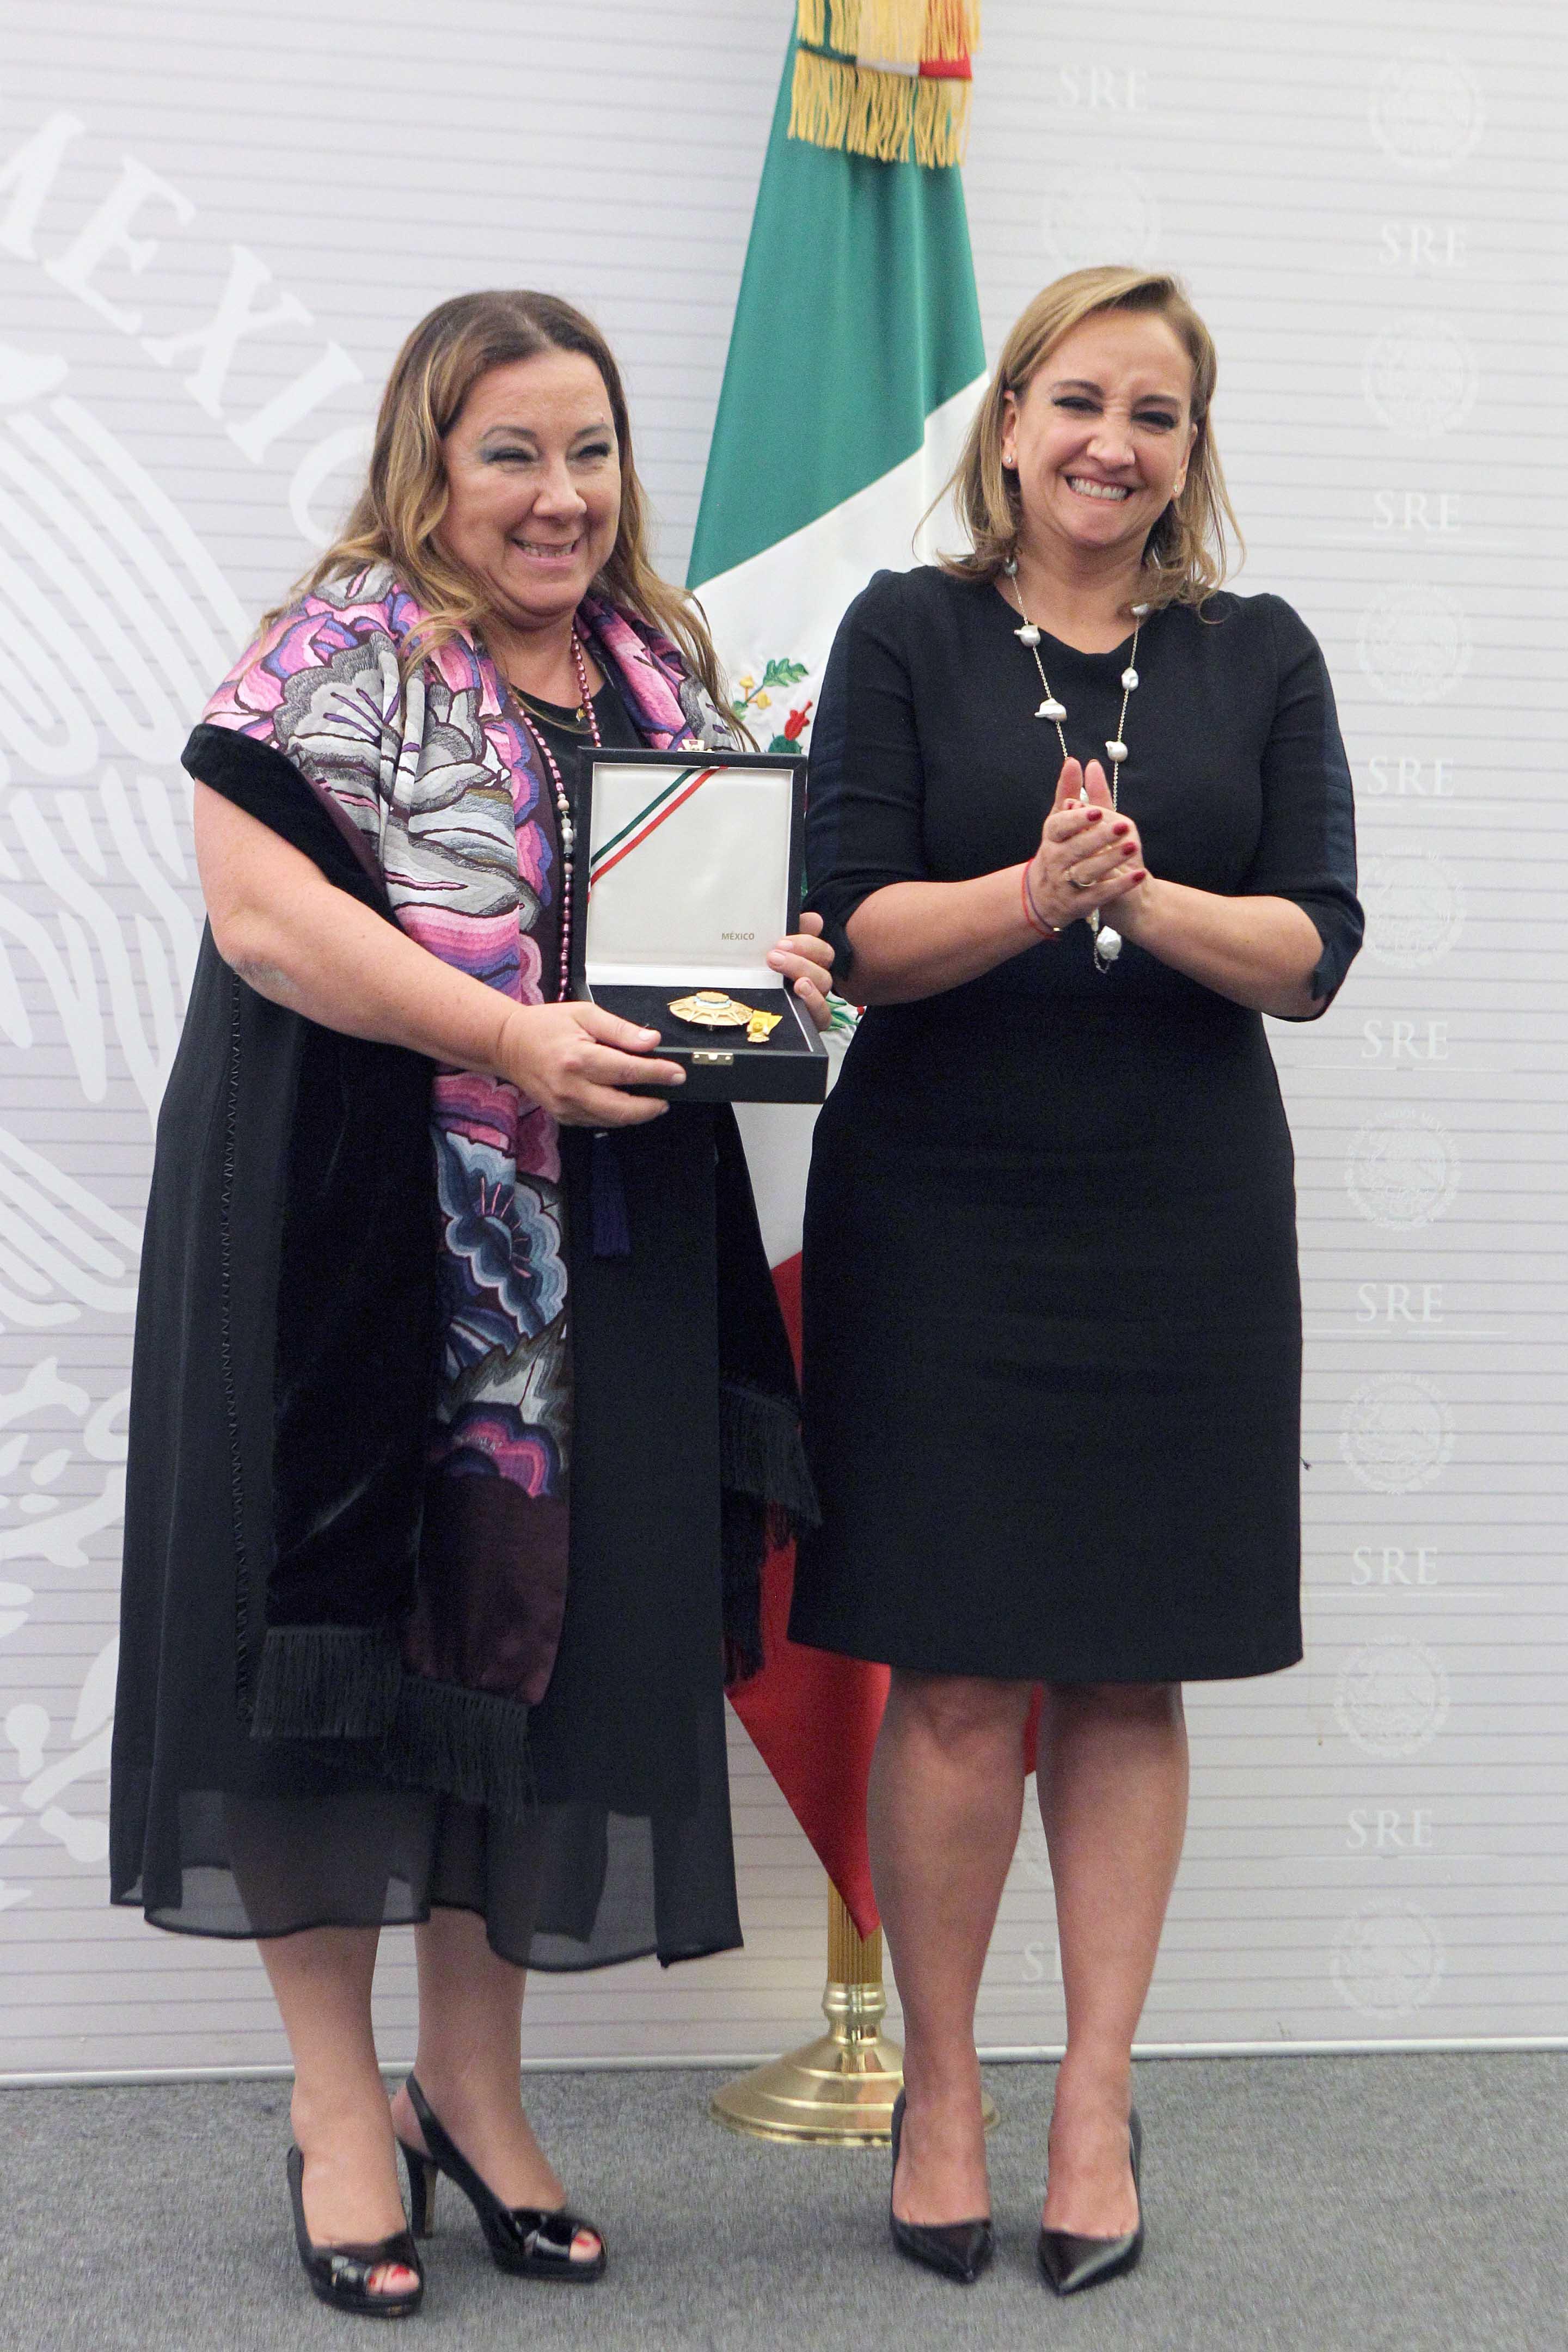 La Canciller Claudia Ruiz Massieu impone condecoración de la Orden Mexicana del Águila Azteca a la Sra. Isabel M. Crowley, representante de UNICEF